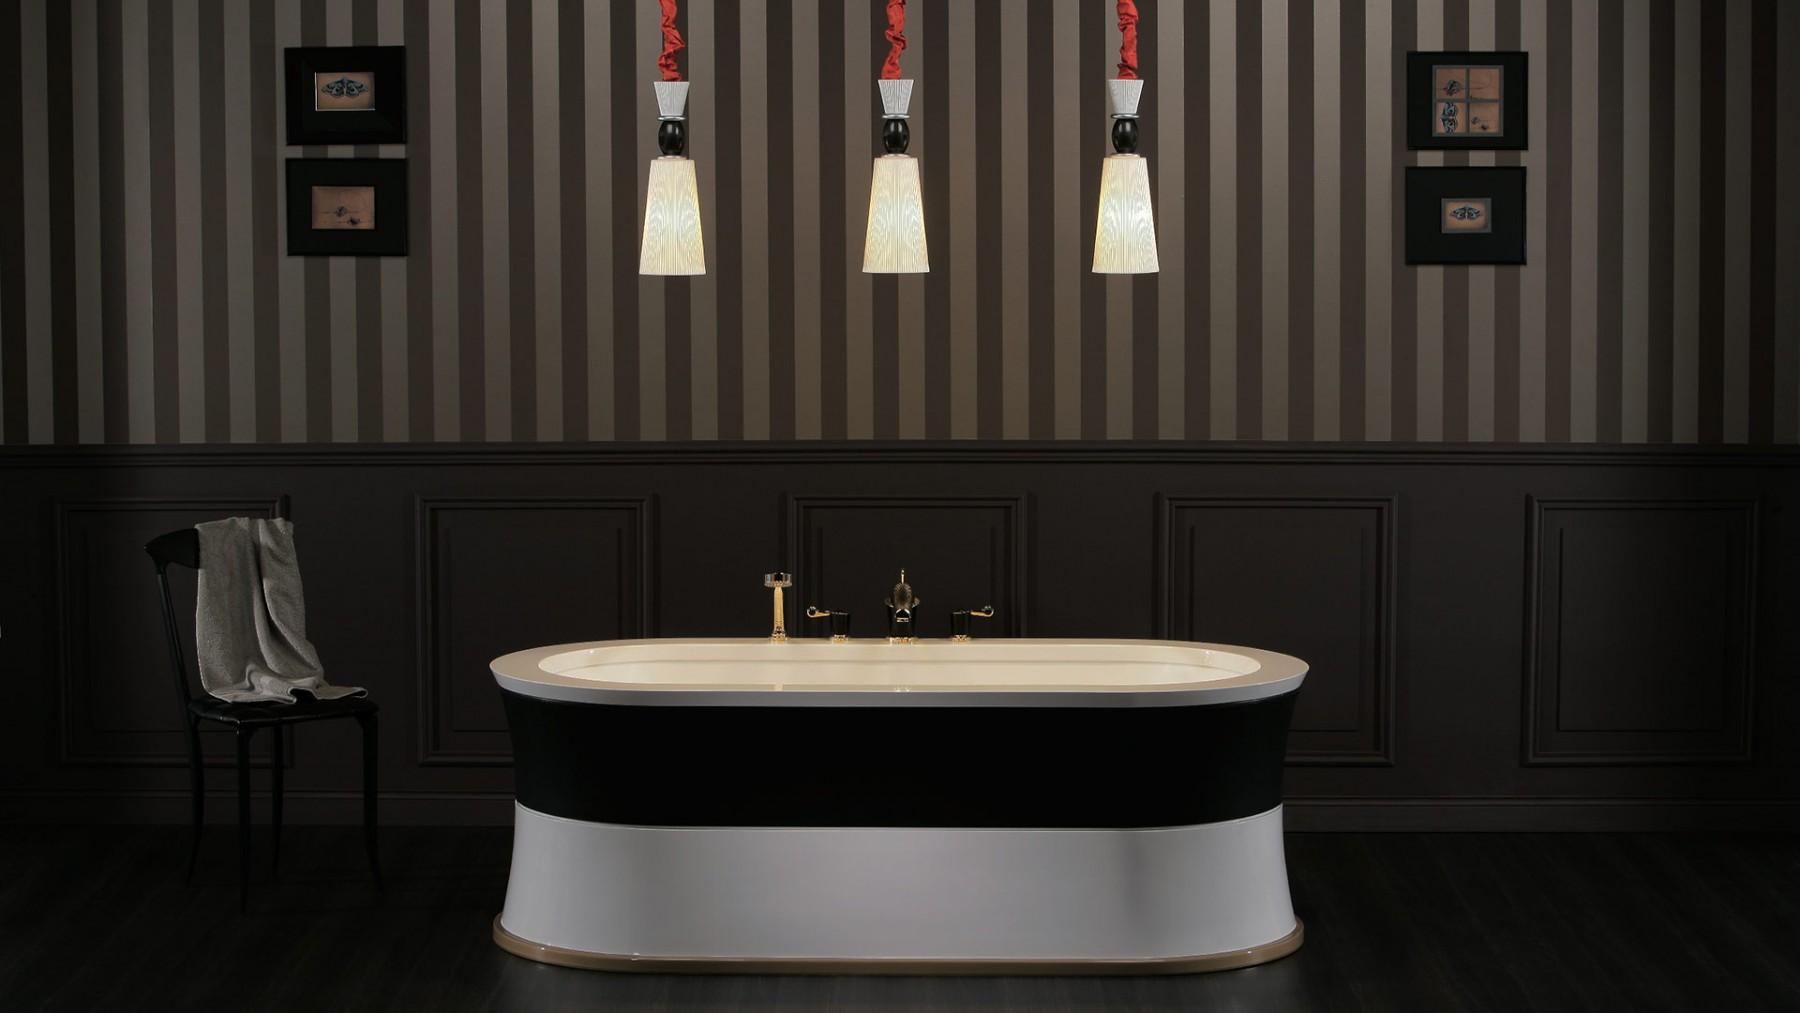 thg armaturen alles ber wohndesign und m belideen. Black Bedroom Furniture Sets. Home Design Ideas